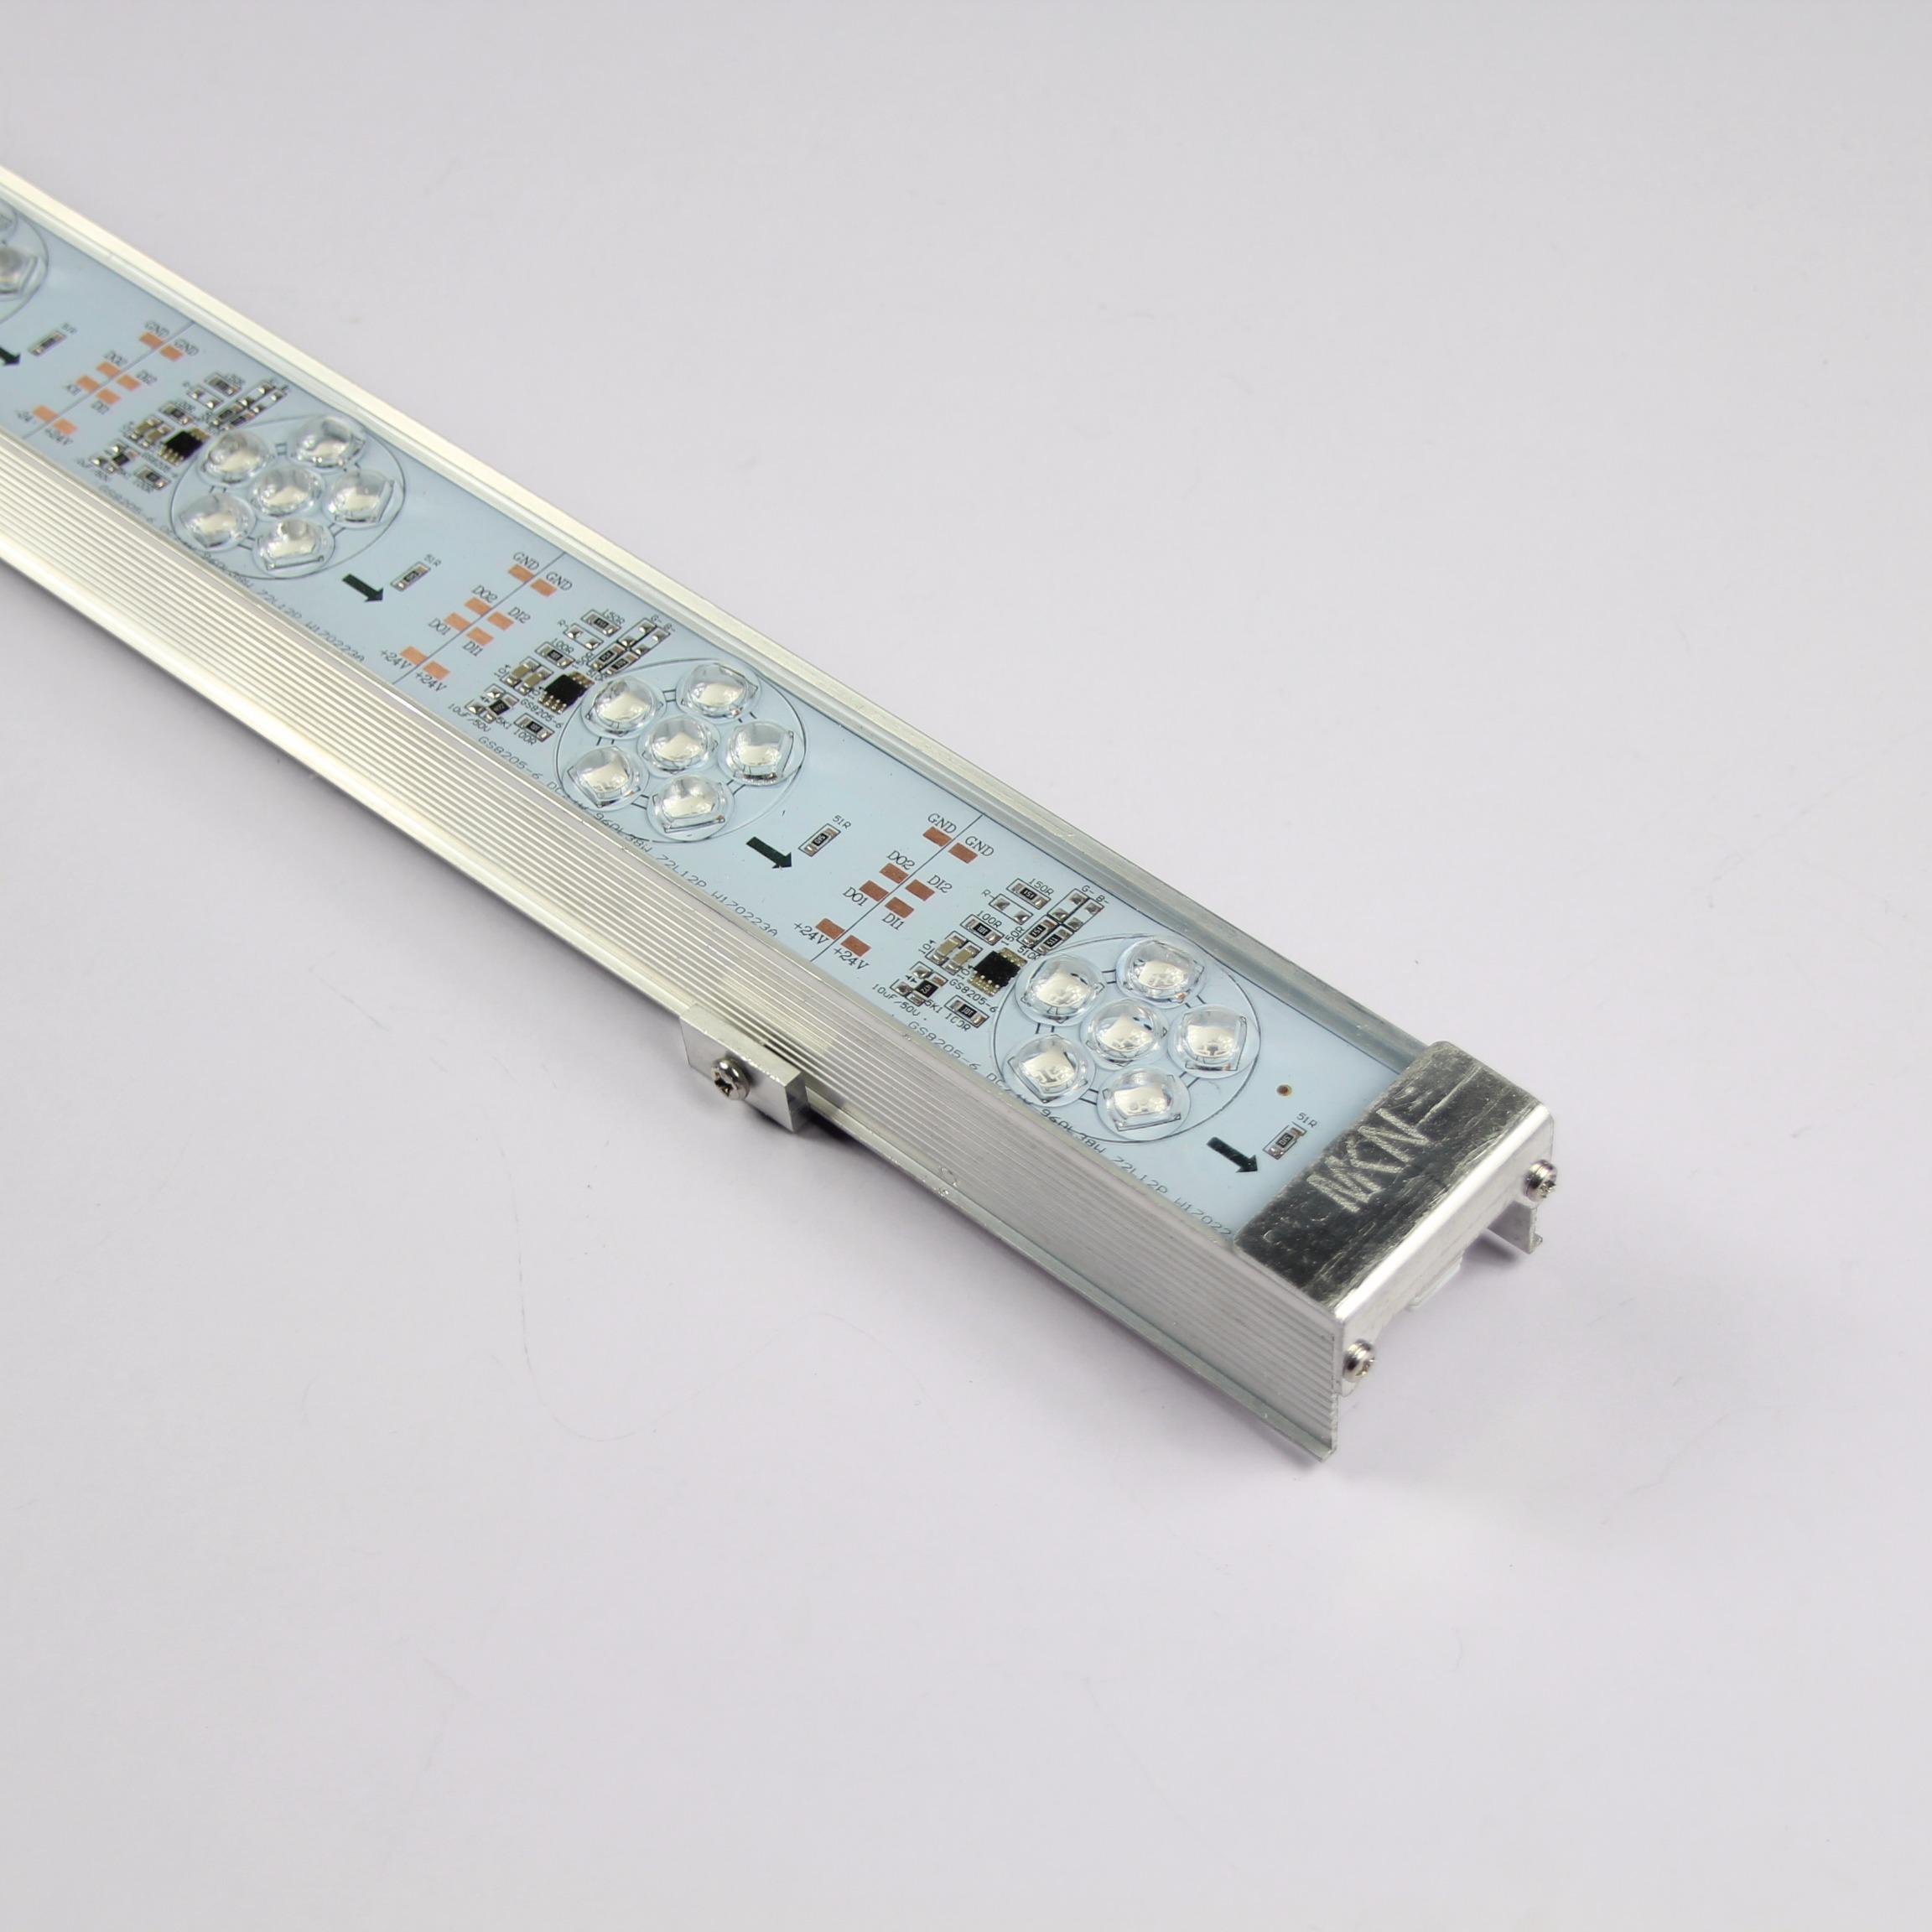 中山市明可诺LED像素灯条,LED外控全彩像素灯条,LED轮廓灯,LED户外灯图片